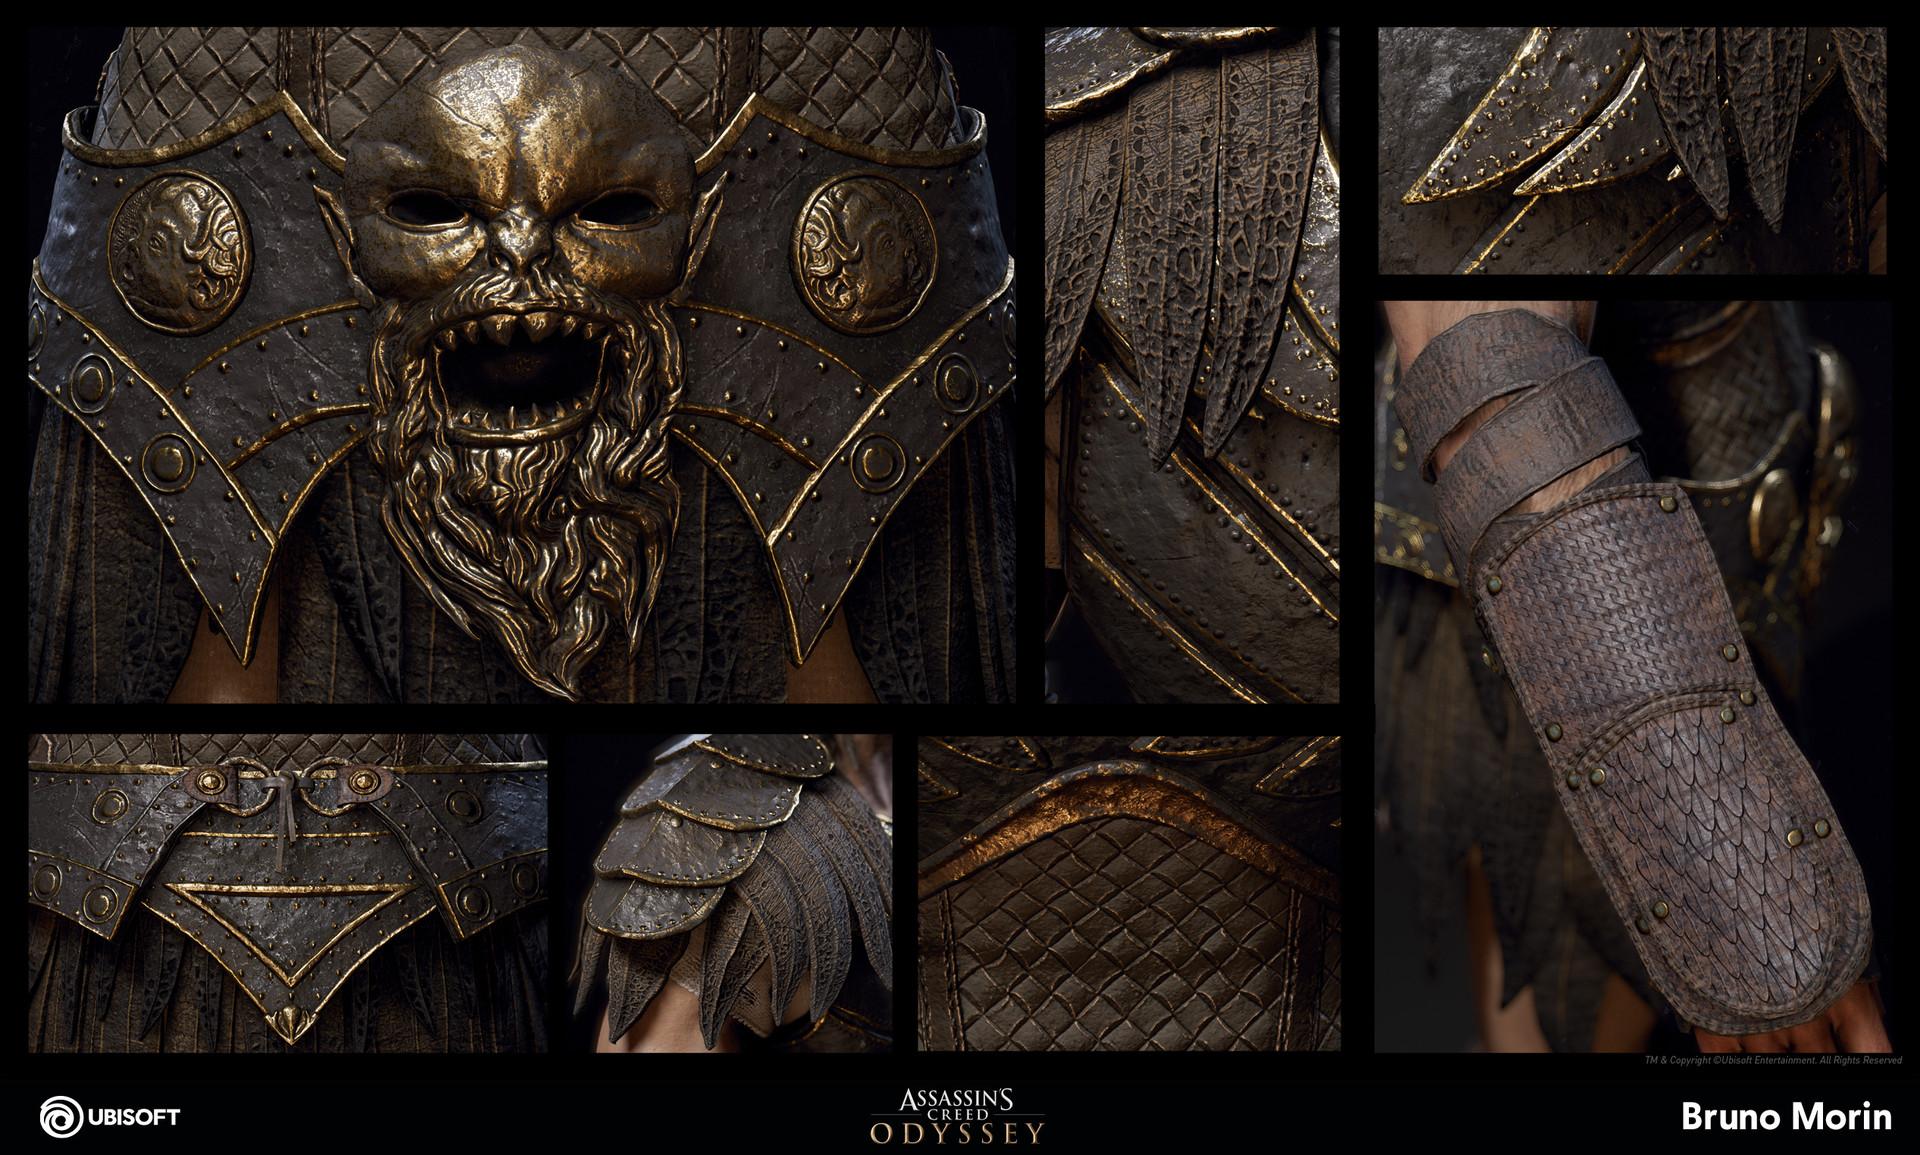 ArtStation - Assassin's Creed Odyssey - Kronos Armor, Bruno Morin